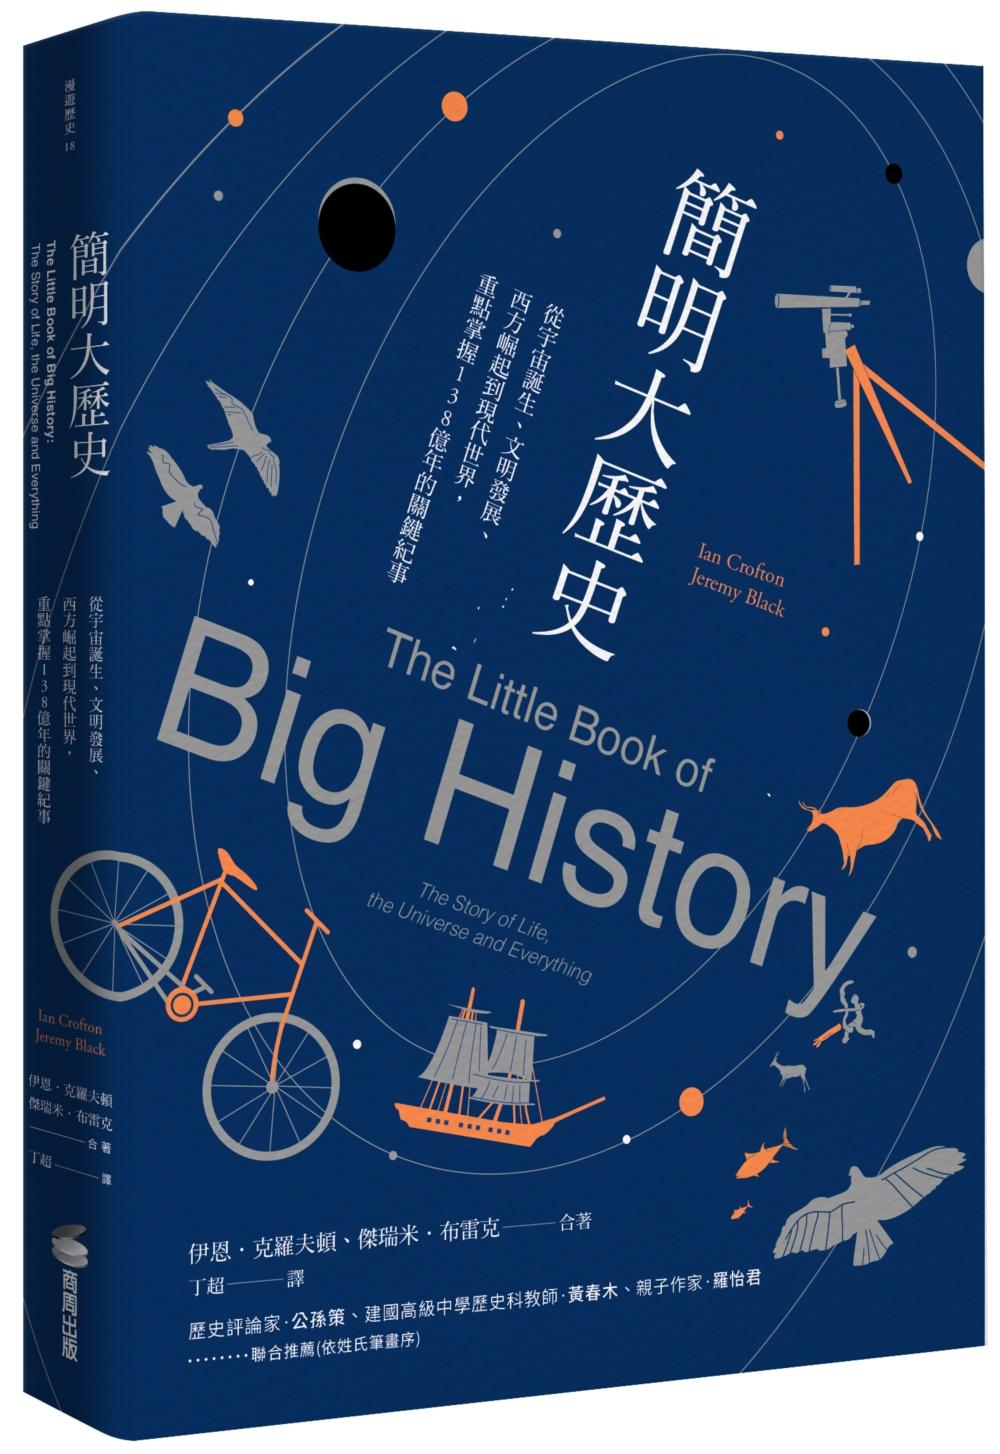 《簡明大歷史:從宇宙誕生、文明發展、西方崛起到現代世界,重點掌握138億年的關鍵紀事》 商品條碼,ISBN:9789864773640